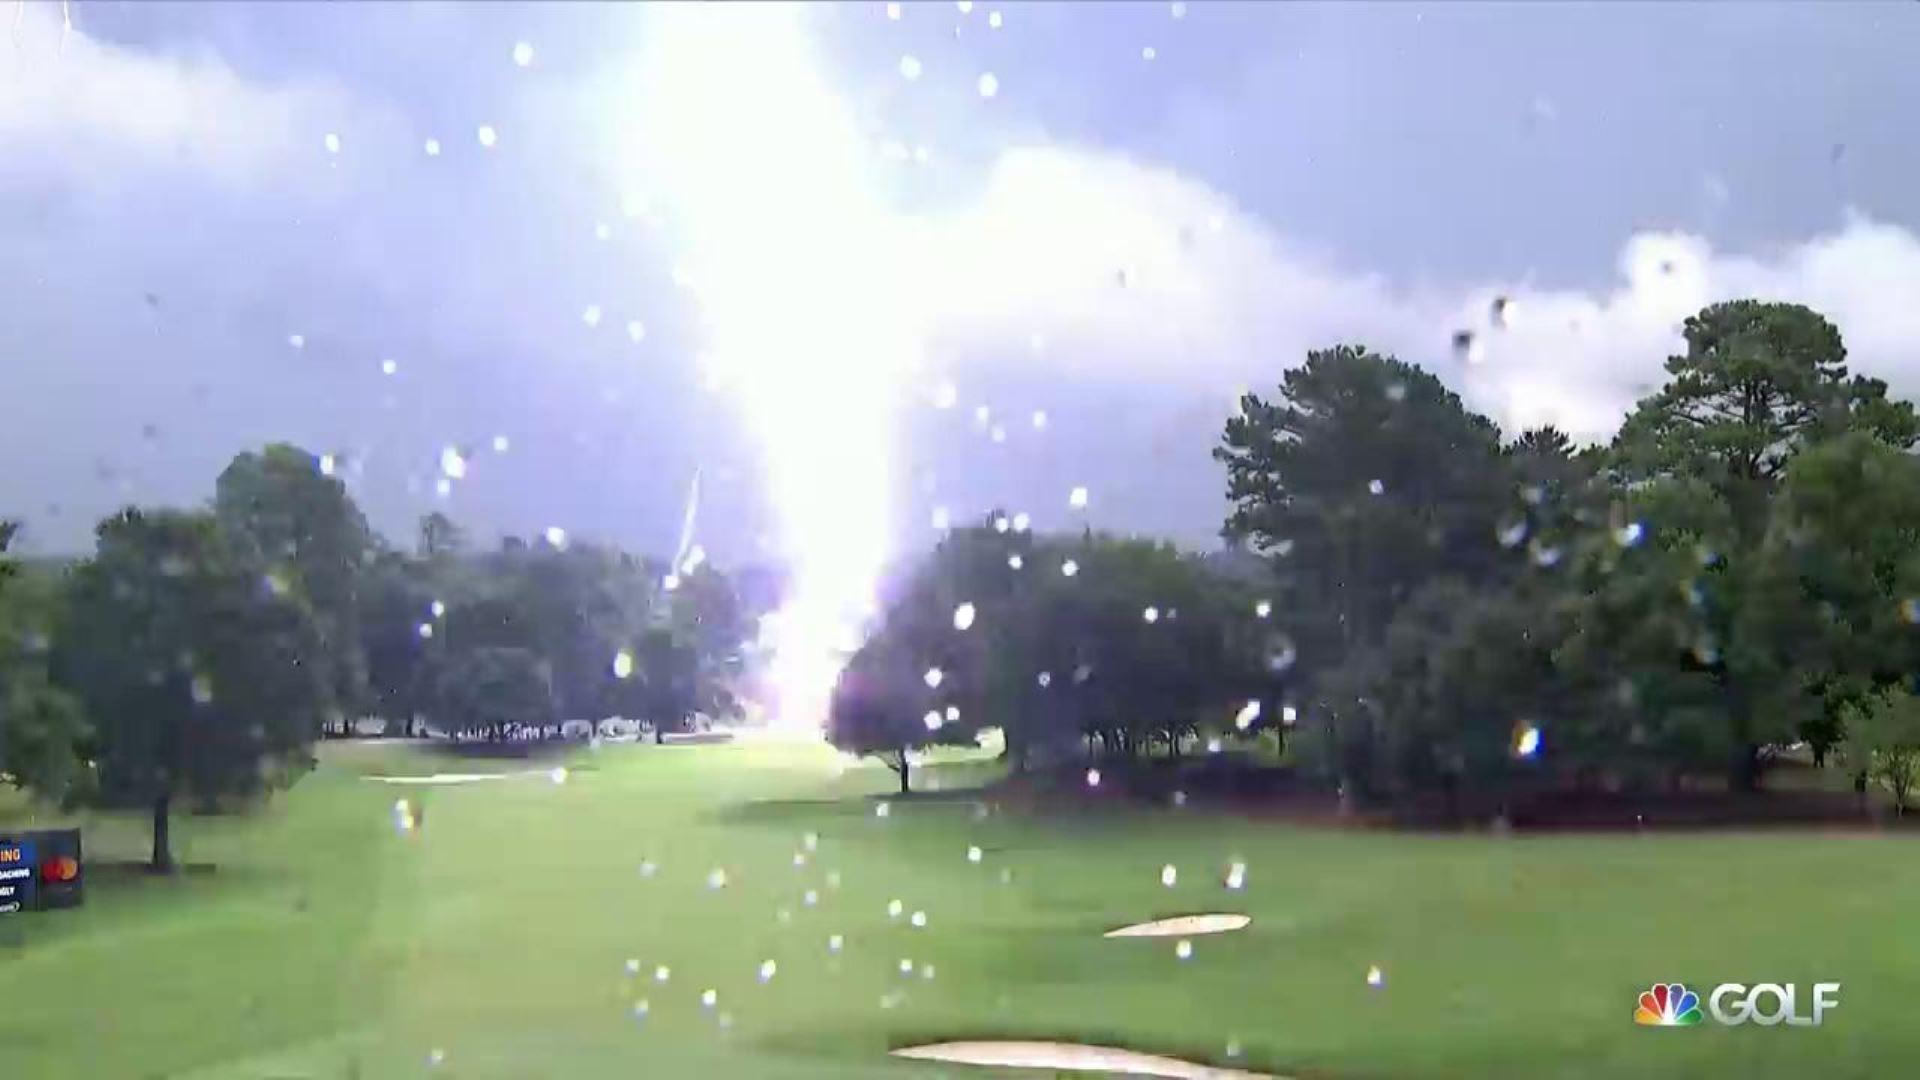 Golf - Tour américain - PGA Tour : la foudre blesse six personnes et stoppe le Tour Championship